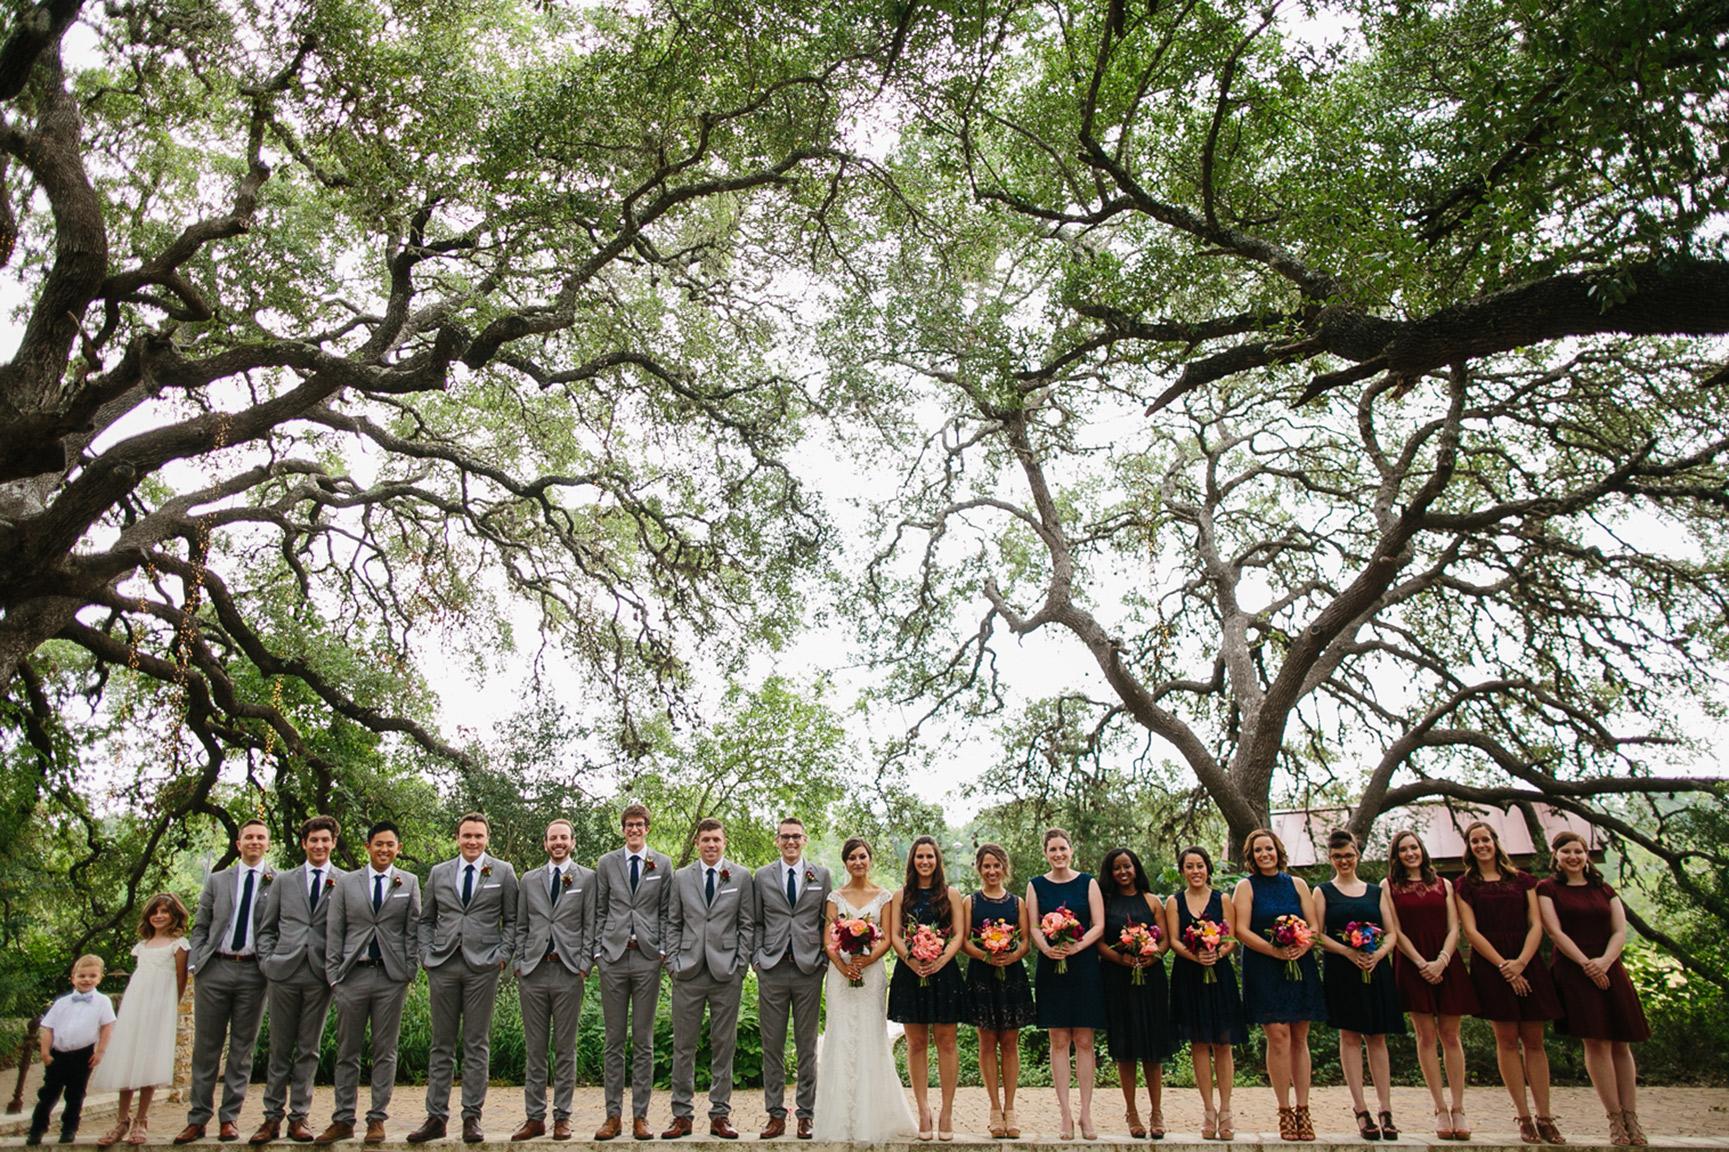 Austin_WeddingPhotographerWARRWEDDING025.jpg